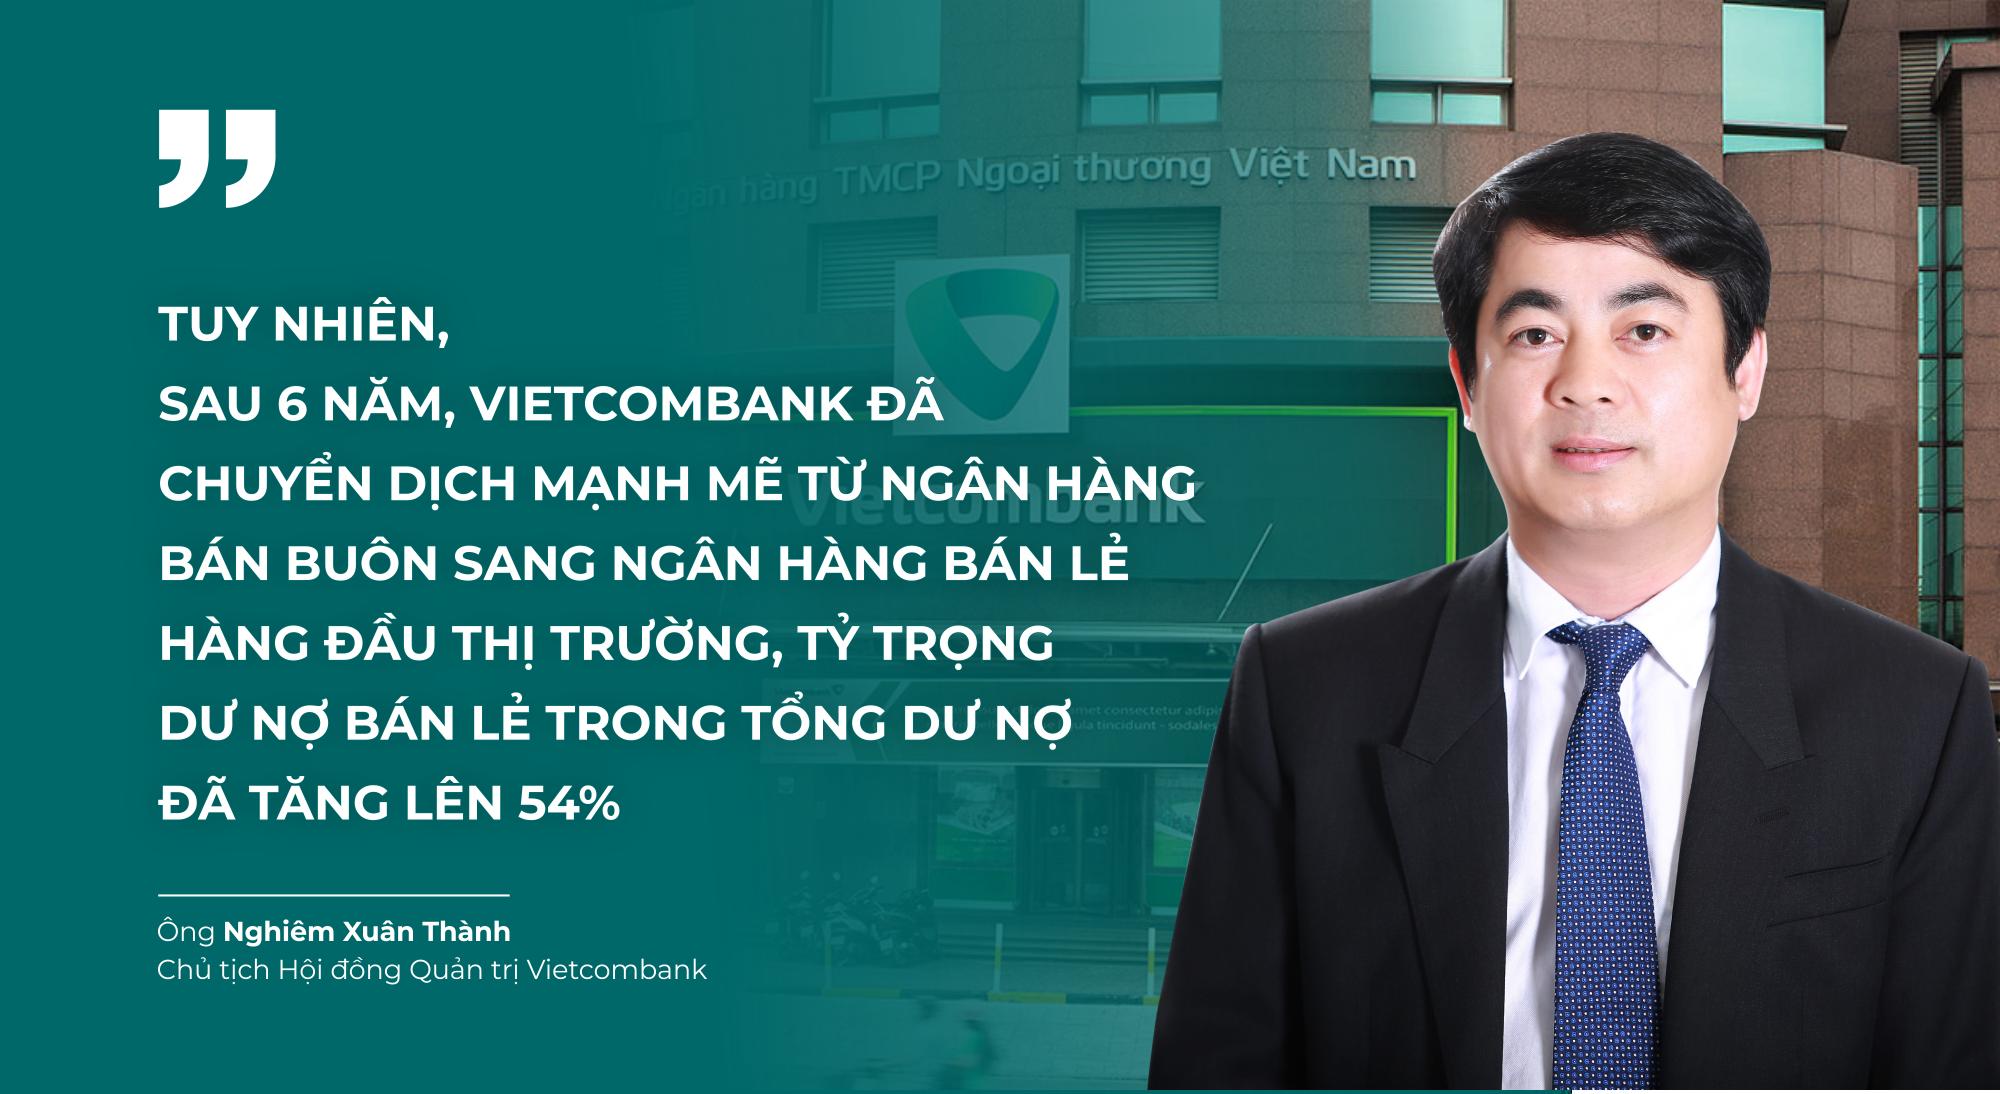 Dấu ấn của Chủ tịch Nghiêm Xuân Thành tại Vietcombank - Ảnh 1.